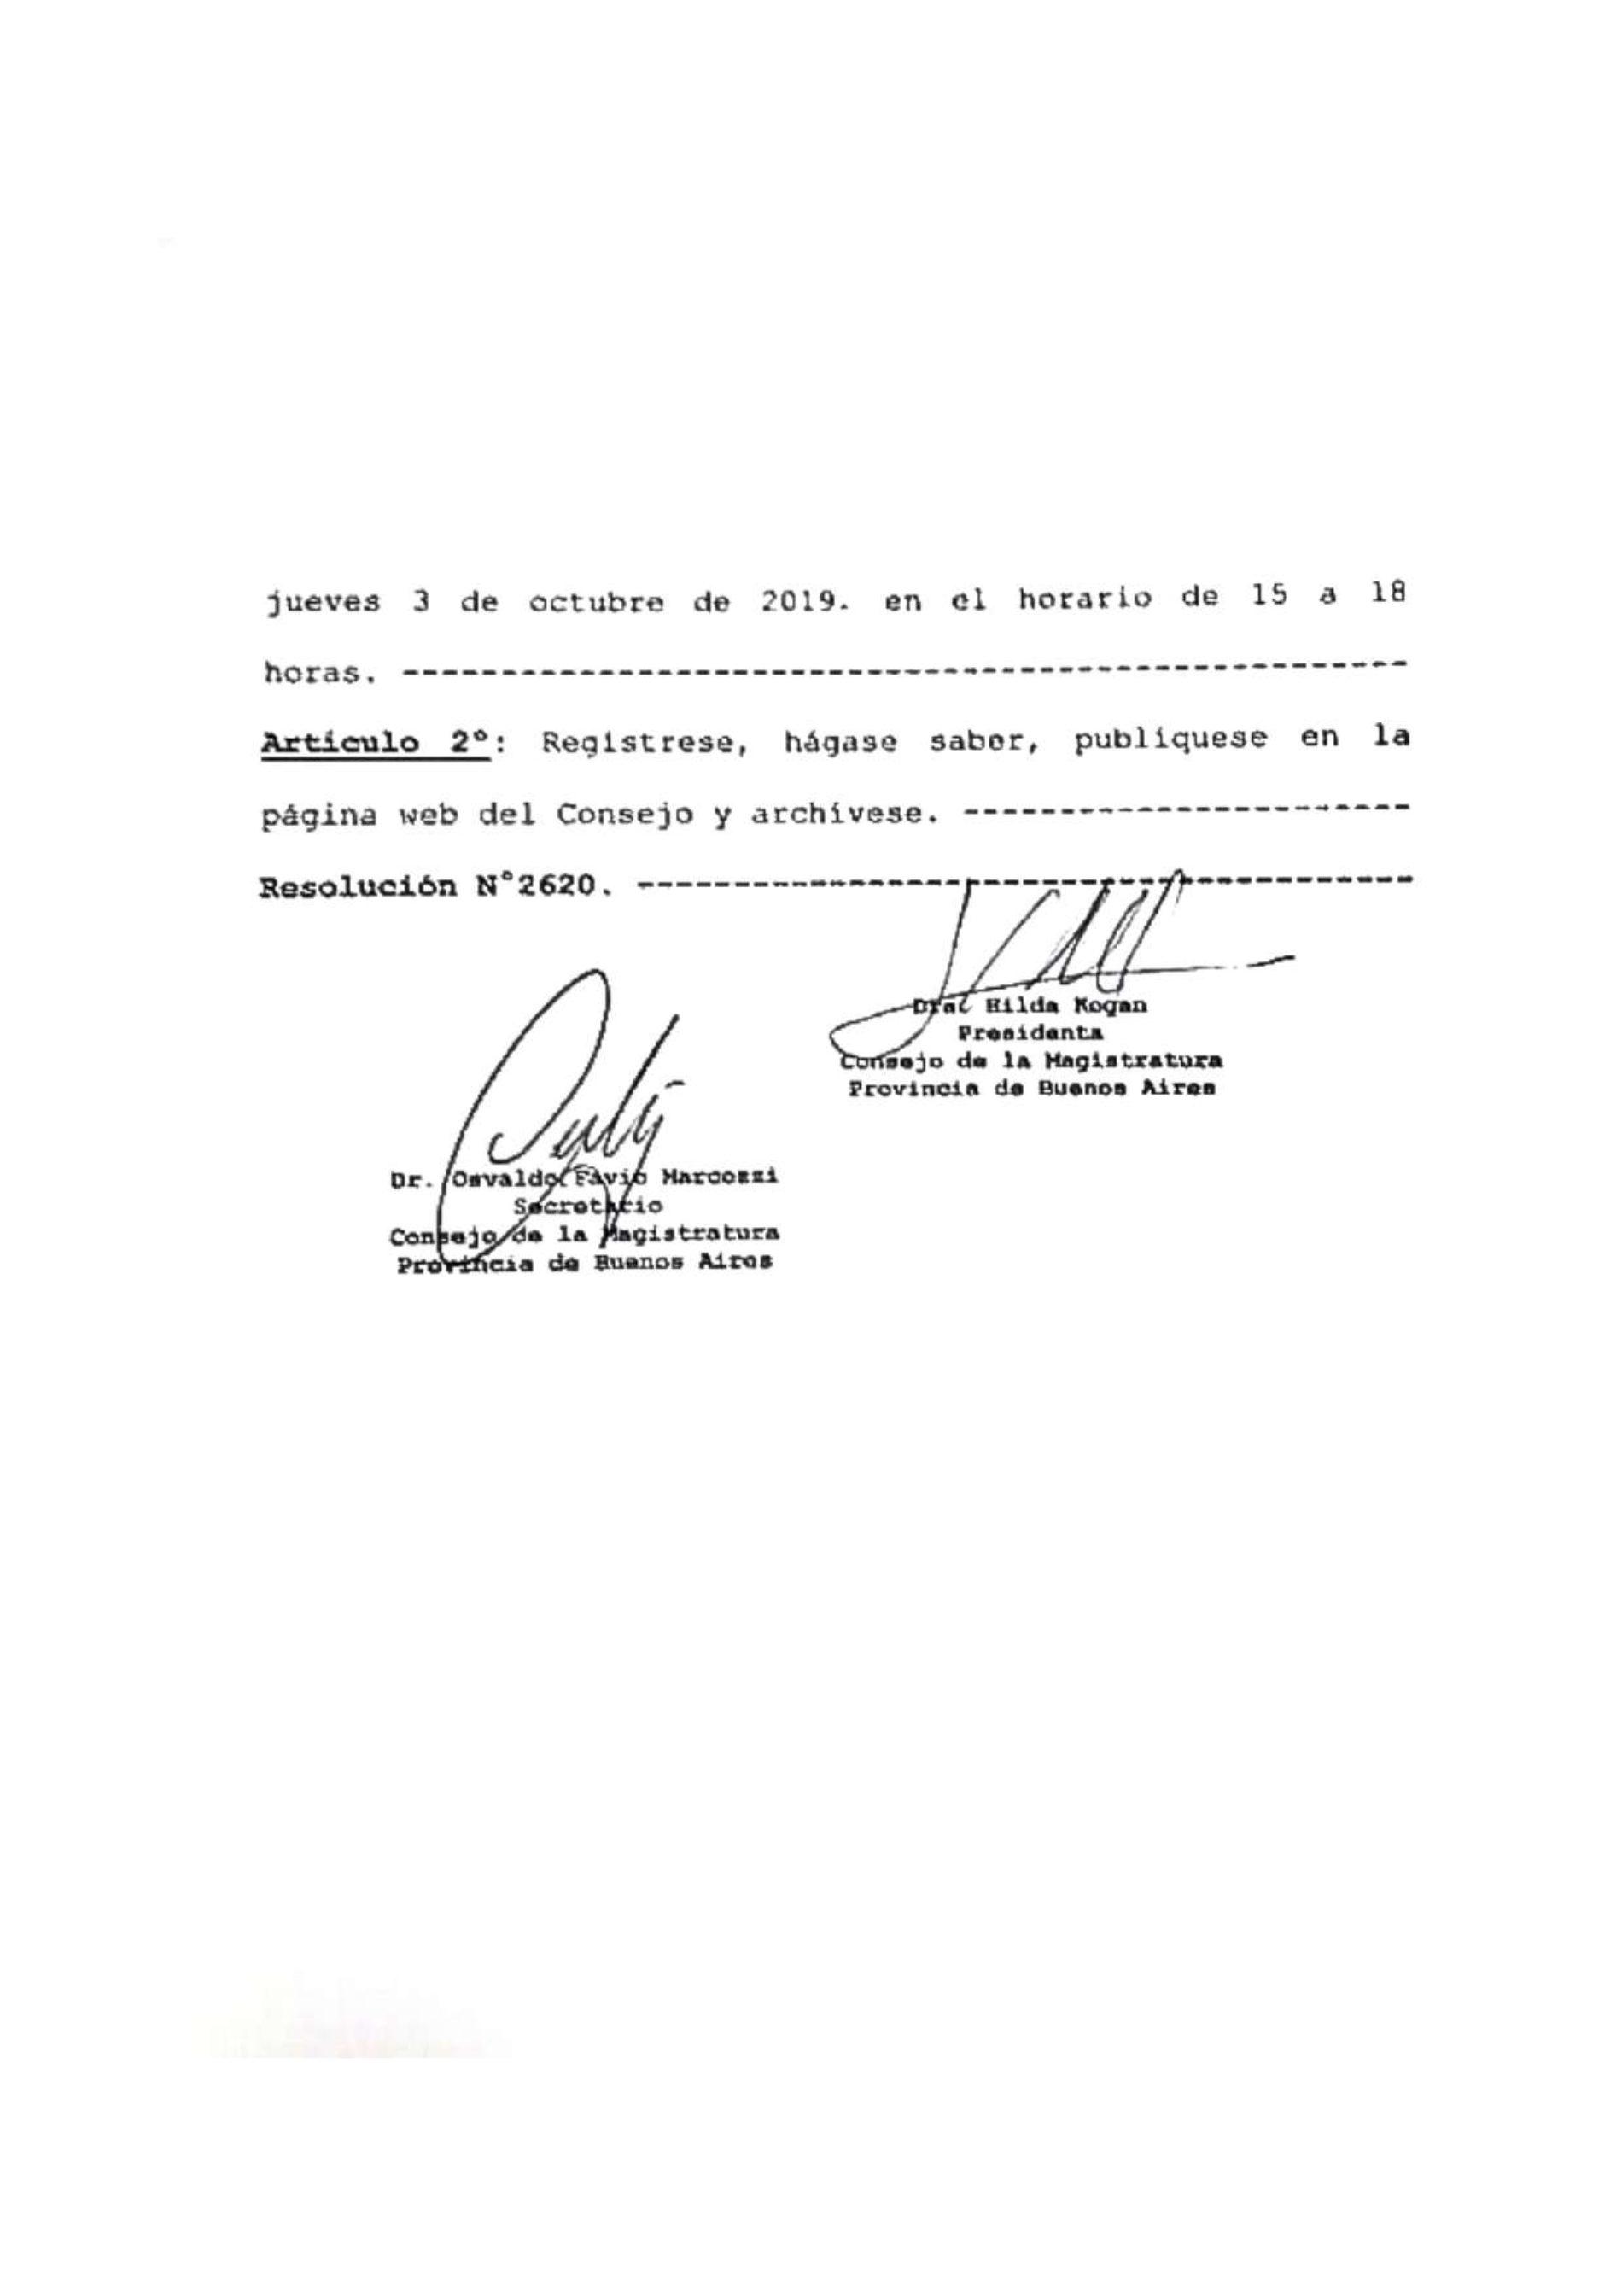 Mesa de Debate «Panorama de la Justicia penal actual»: Declaración de interés del Consejo de la Magistratura de la Provincia de Buenos Aires